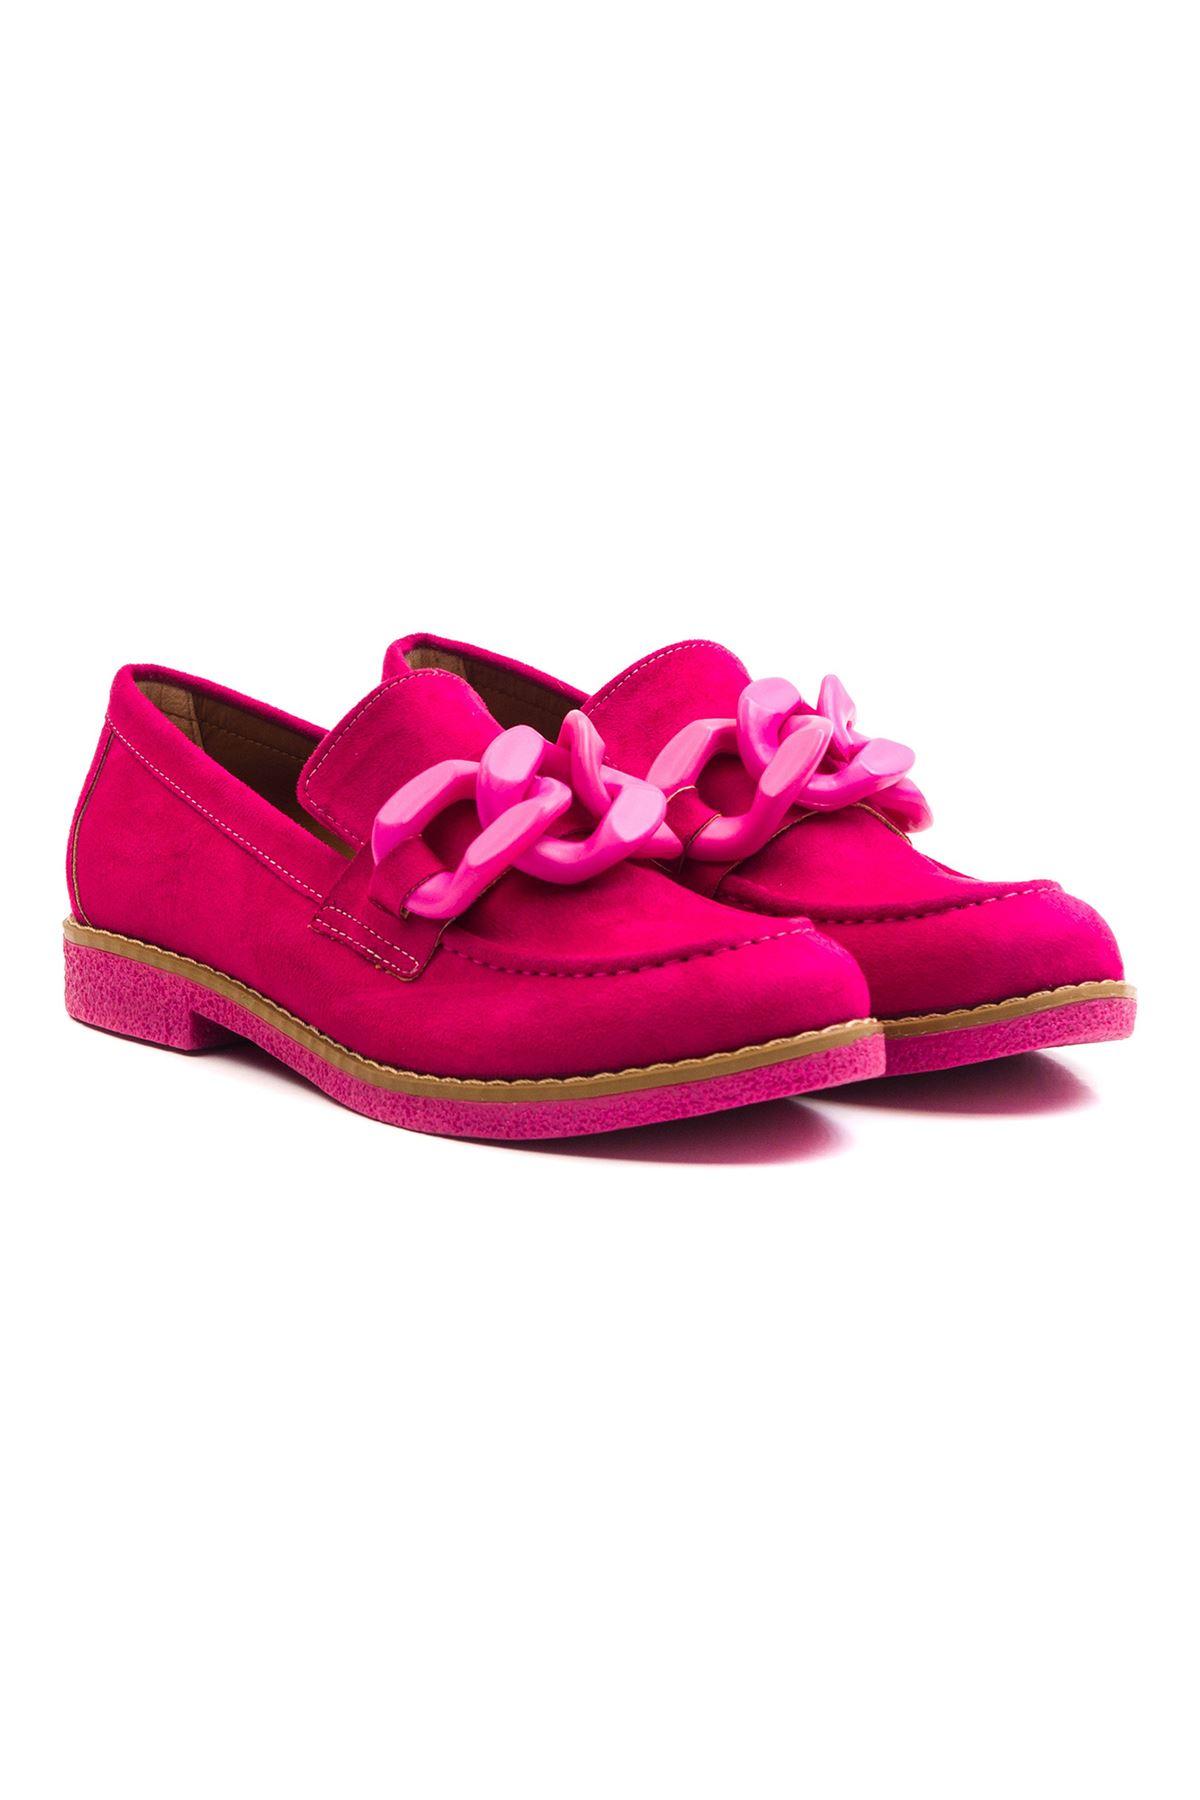 Violaces Kadın Ayakkabı Fuşya Süet Fuşya Taban